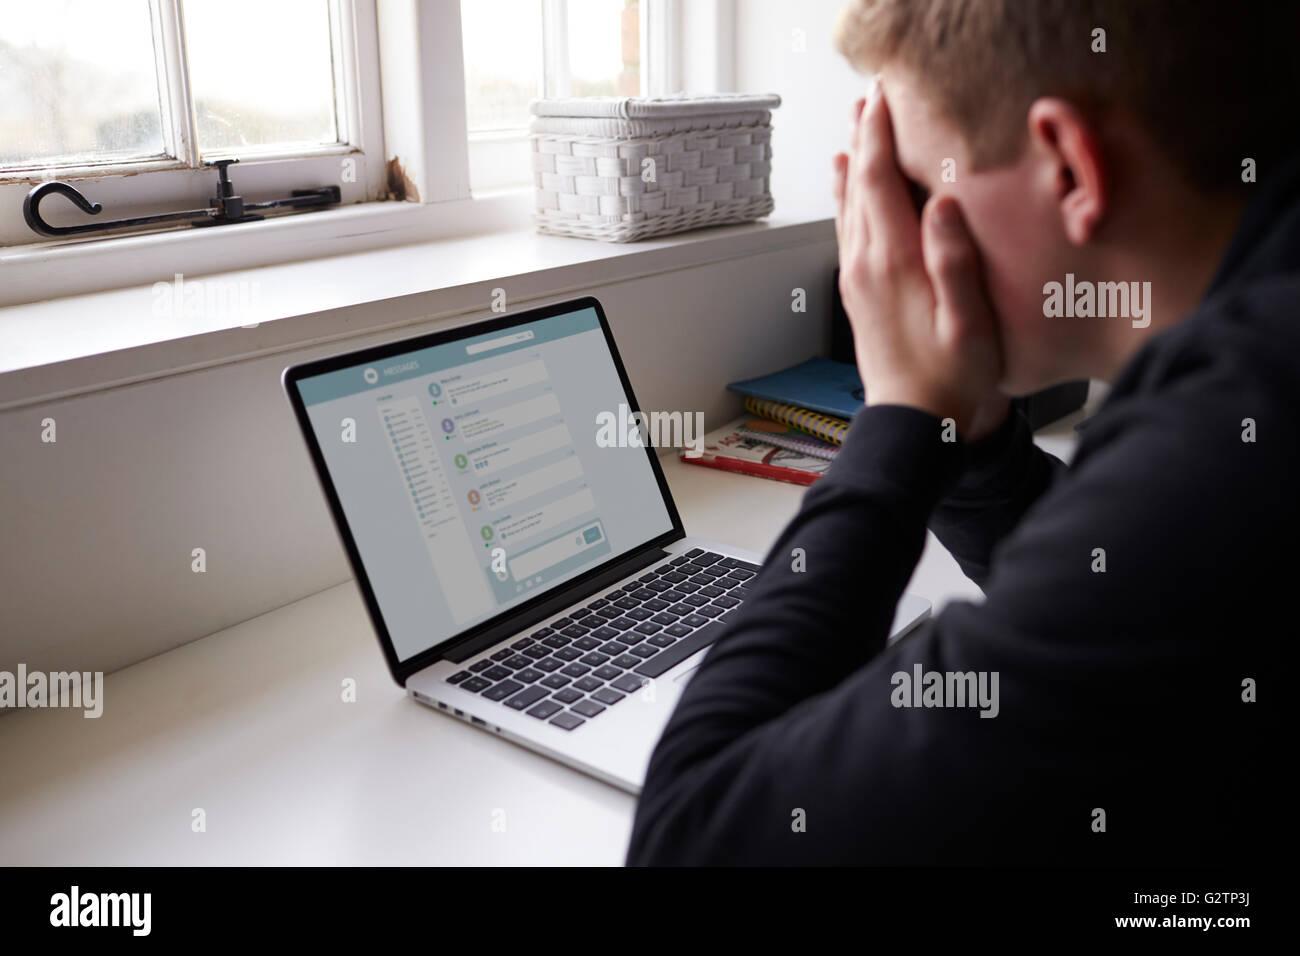 Adolescente infeliz víctima de acoso en línea en dormitorio Imagen De Stock